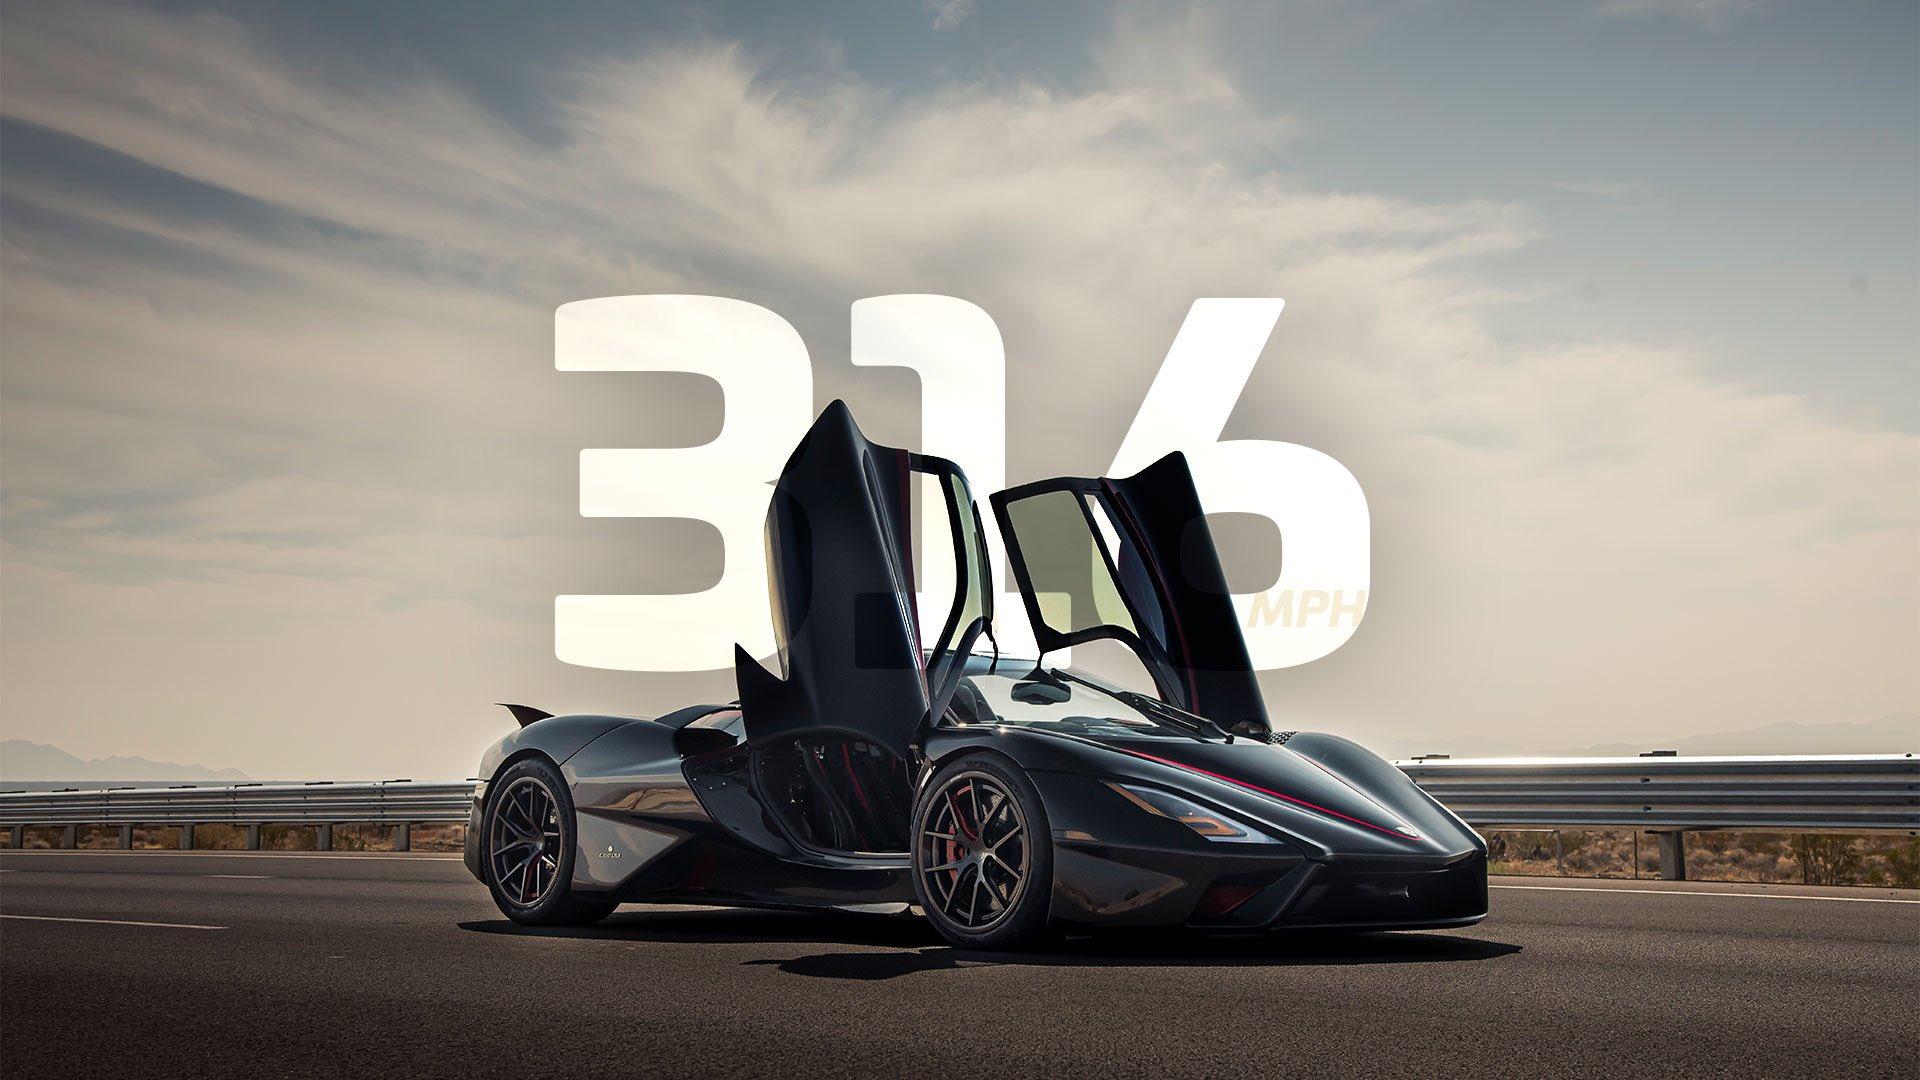 El SSC Tuatara se convierte en el coche de producción más rápido del mundo